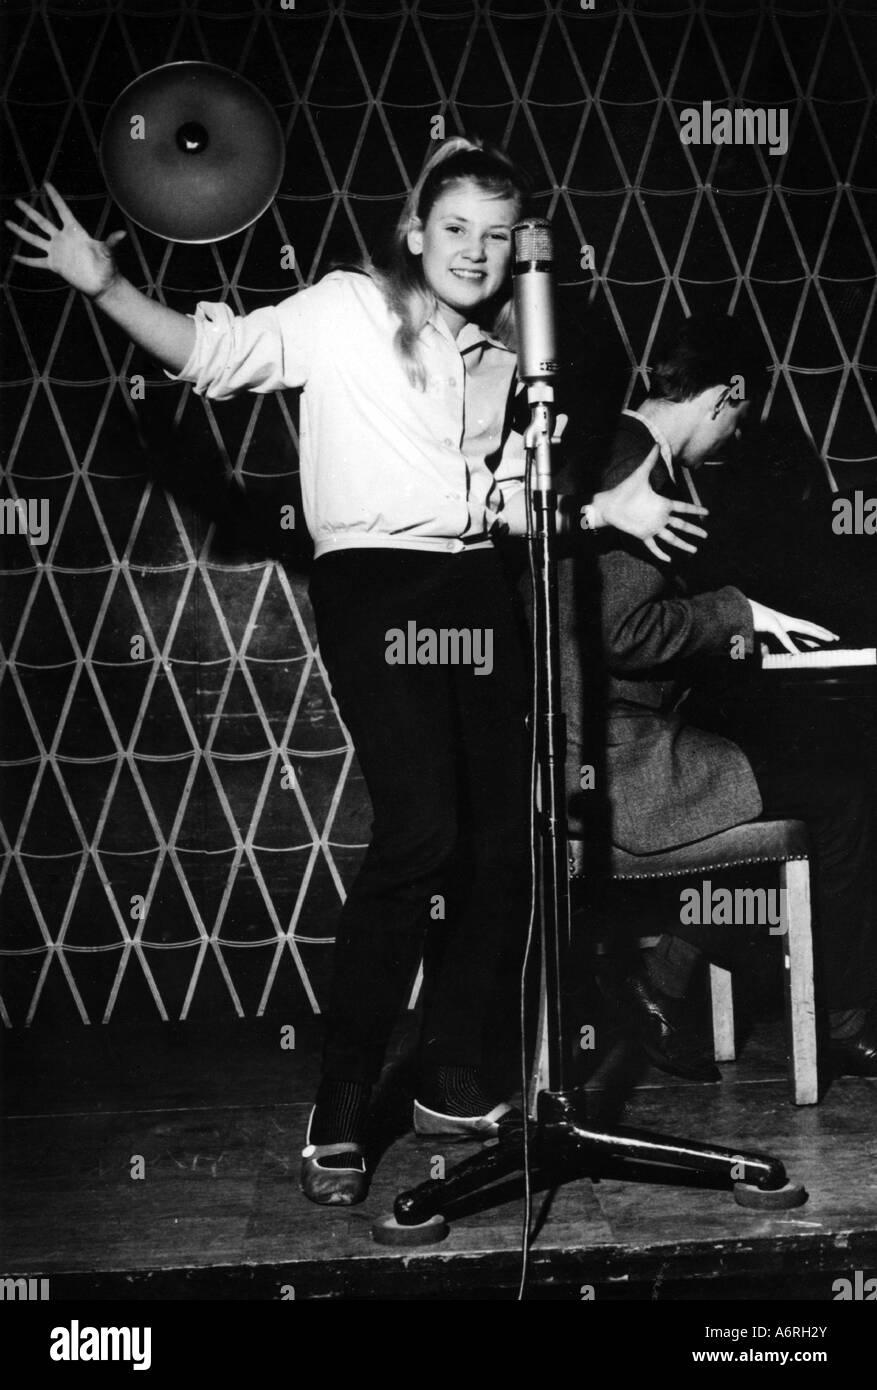 Haenning, Gitte, * 29.6.1946, Danish singer, full length, singing, around 1960, pop, music, 1960s, 60s, child, tennager, - Stock Image